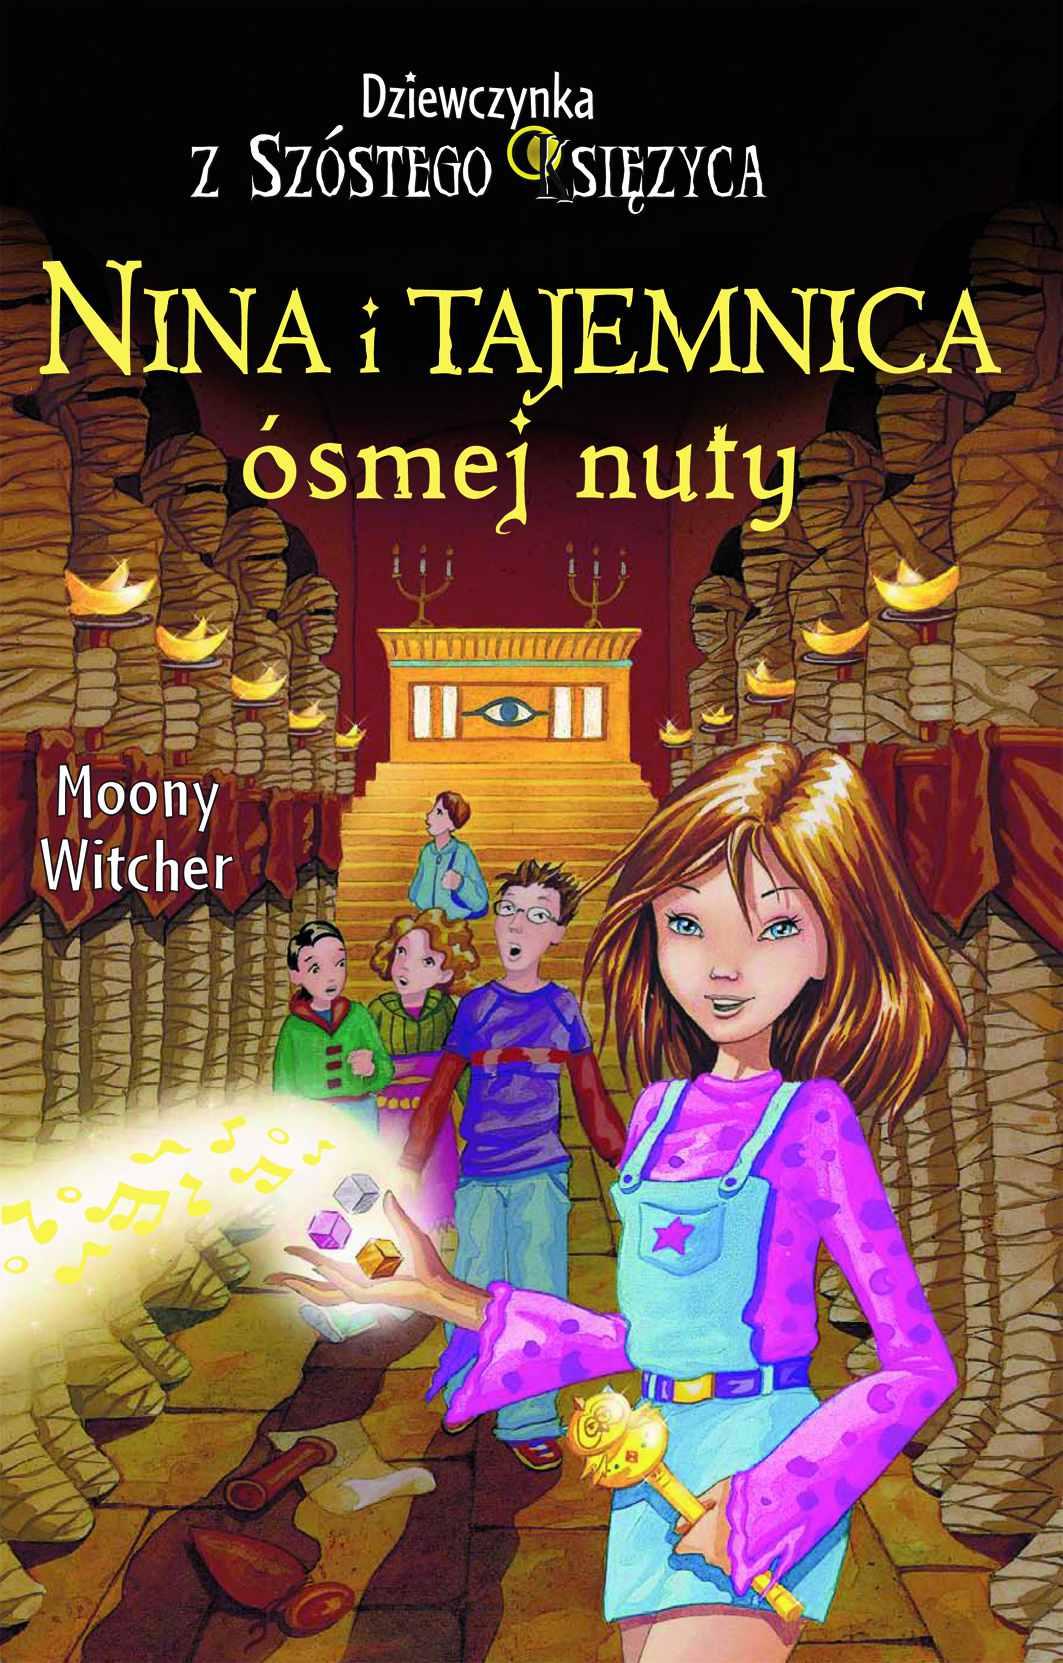 Nina i Tajemnica ósmej nuty - Ebook (Książka na Kindle) do pobrania w formacie MOBI